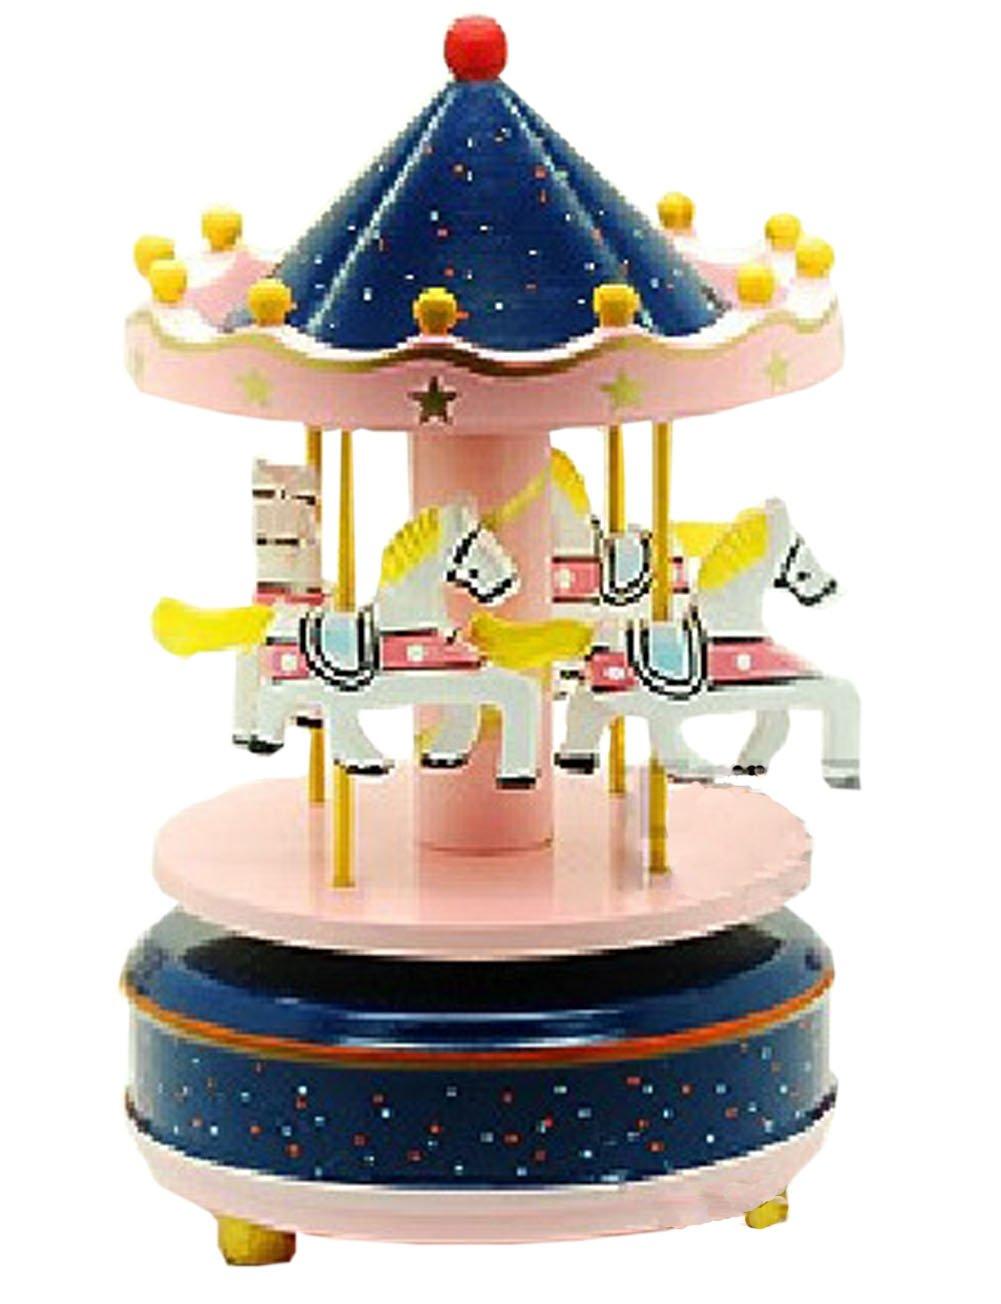 【一部予約販売】 Romantic merry-go-round merry-go-round Clockwork B00K0AGI9W MusicalボックスCool Decoration Clockwork B00K0AGI9W, キョナンマチ:9021c541 --- arcego.dominiotemporario.com